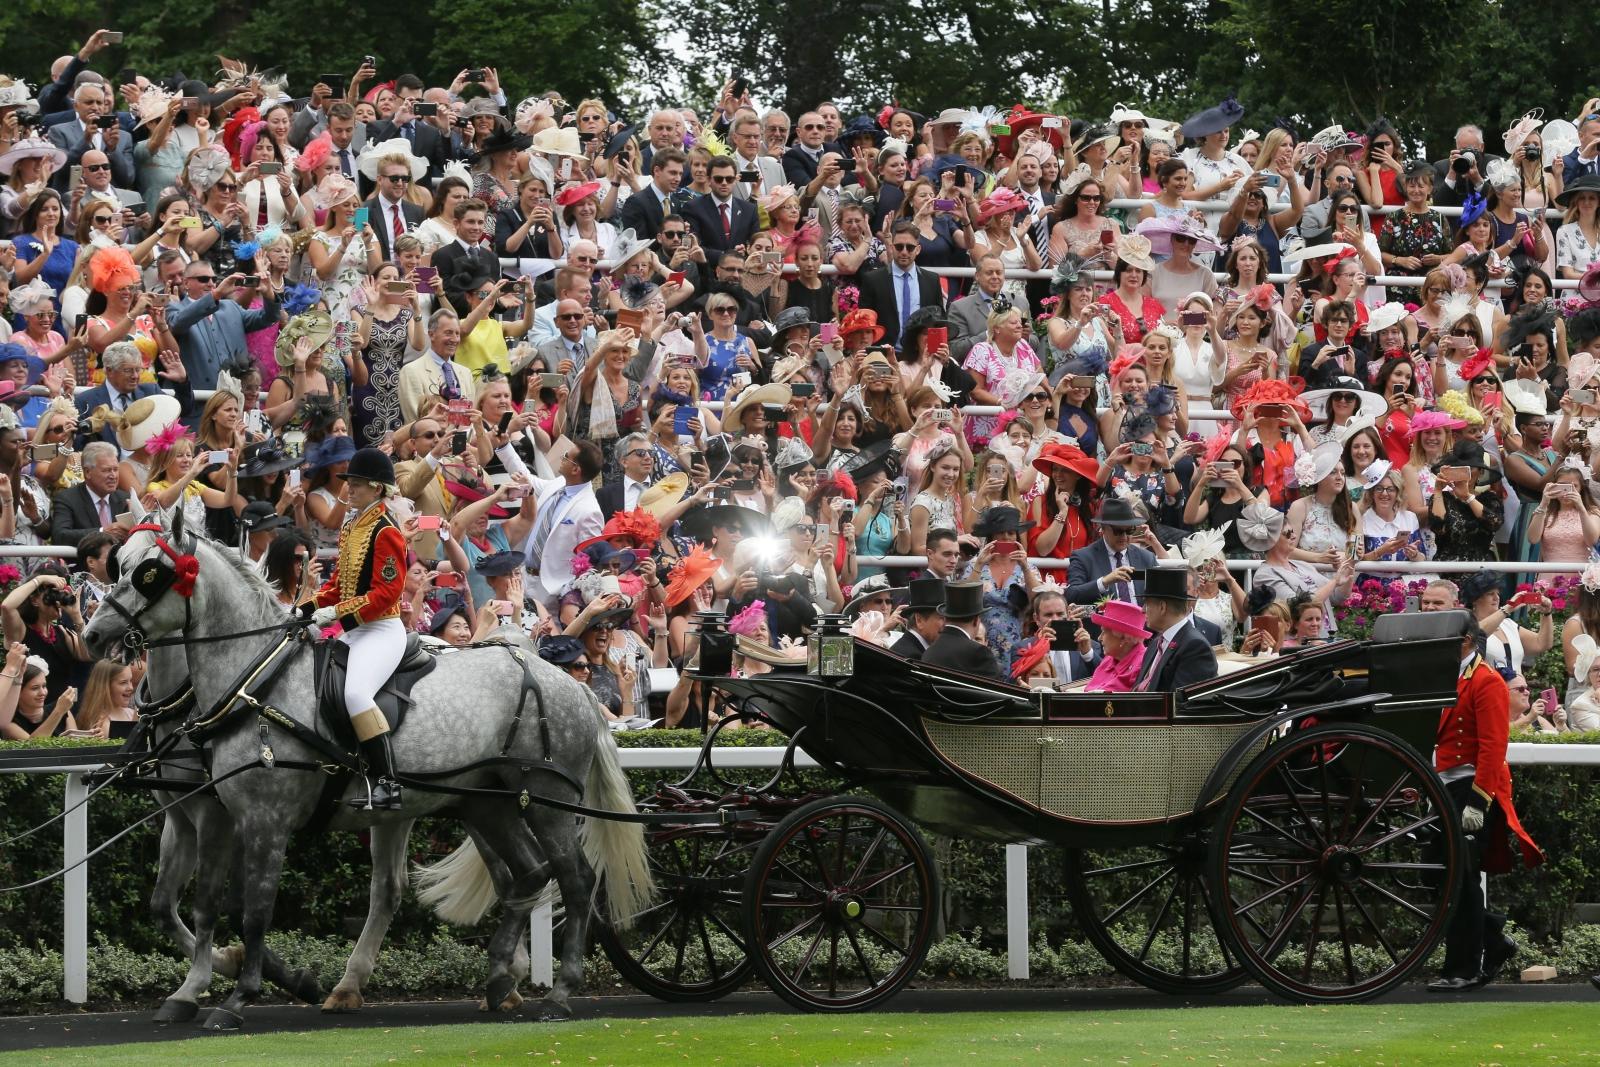 Przyjazd królowej Elżbiety II na Royal Ascot. Fot. EPA/Tim Ireland Dostawca: PAP/EPA.